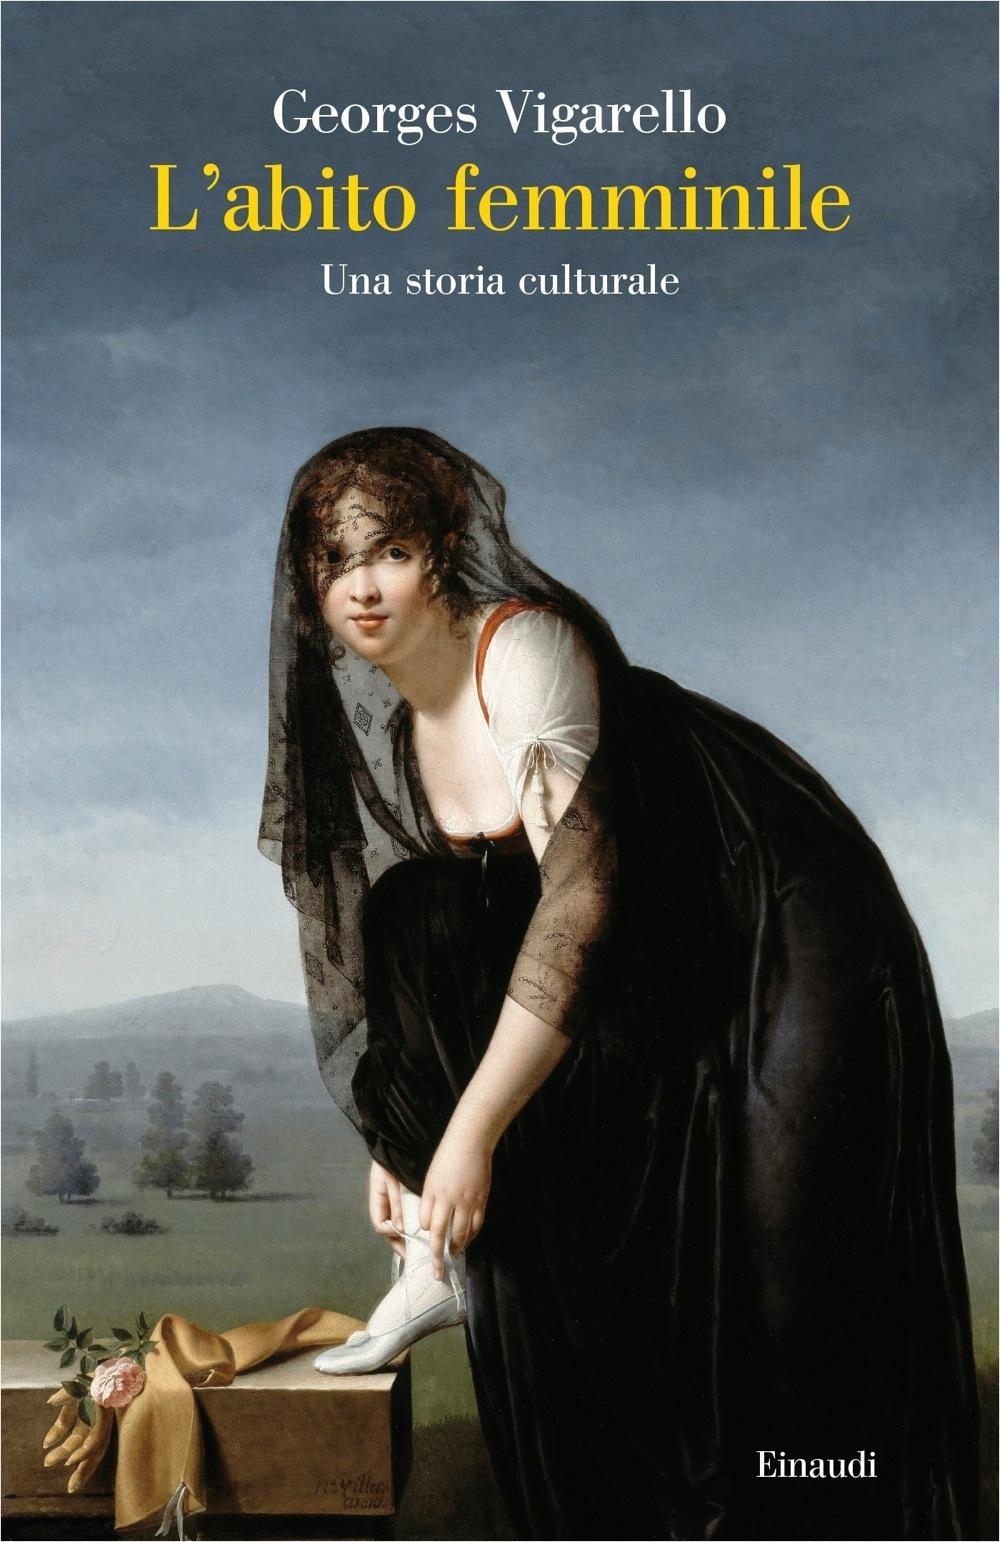 L'abito femminile